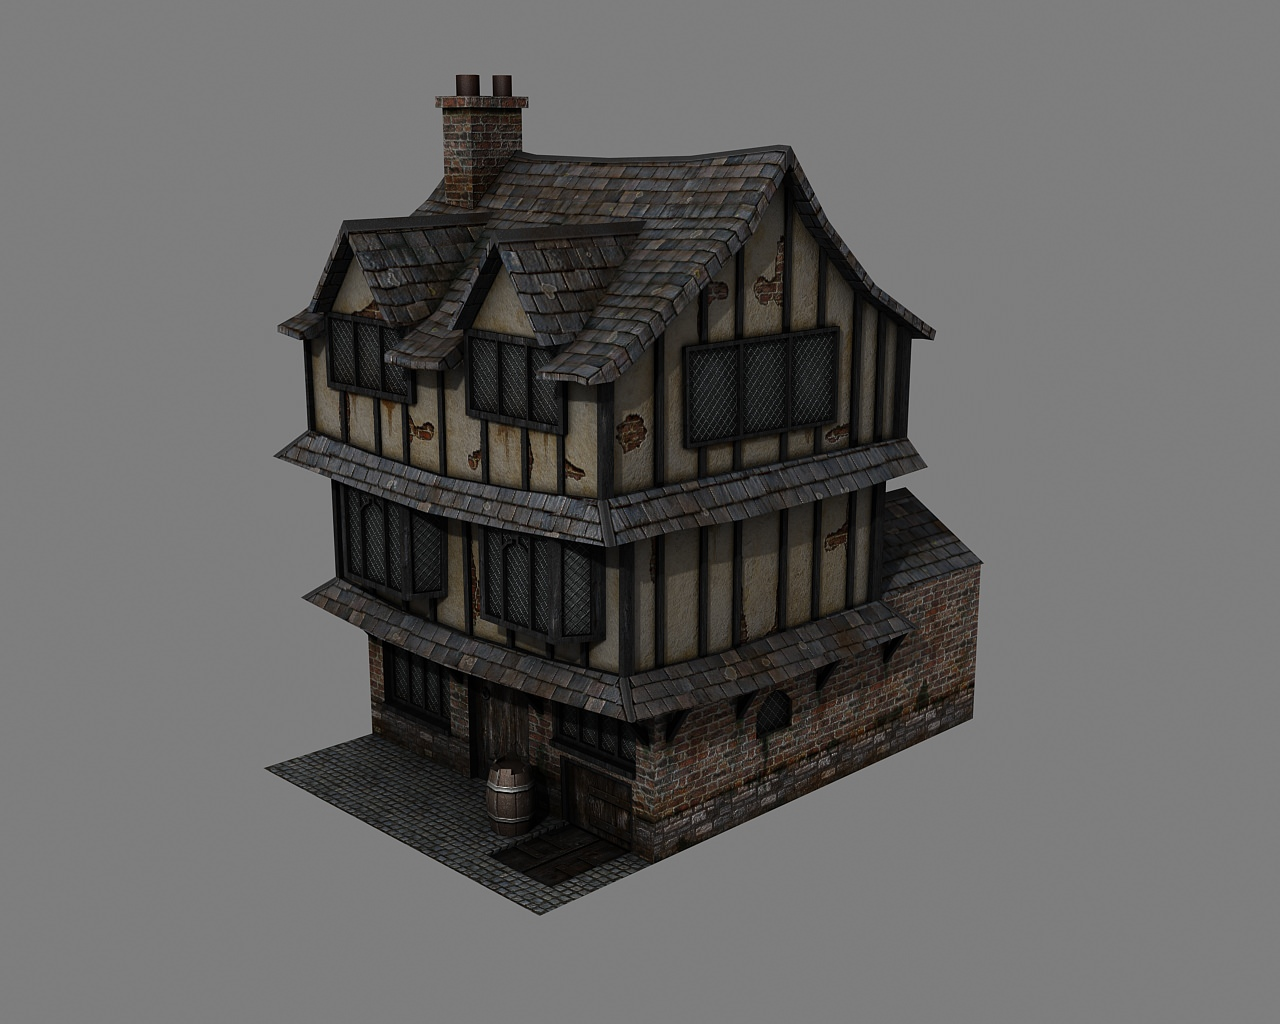 Tudor house 3d model game ready max obj 3ds for Exterior 3d model